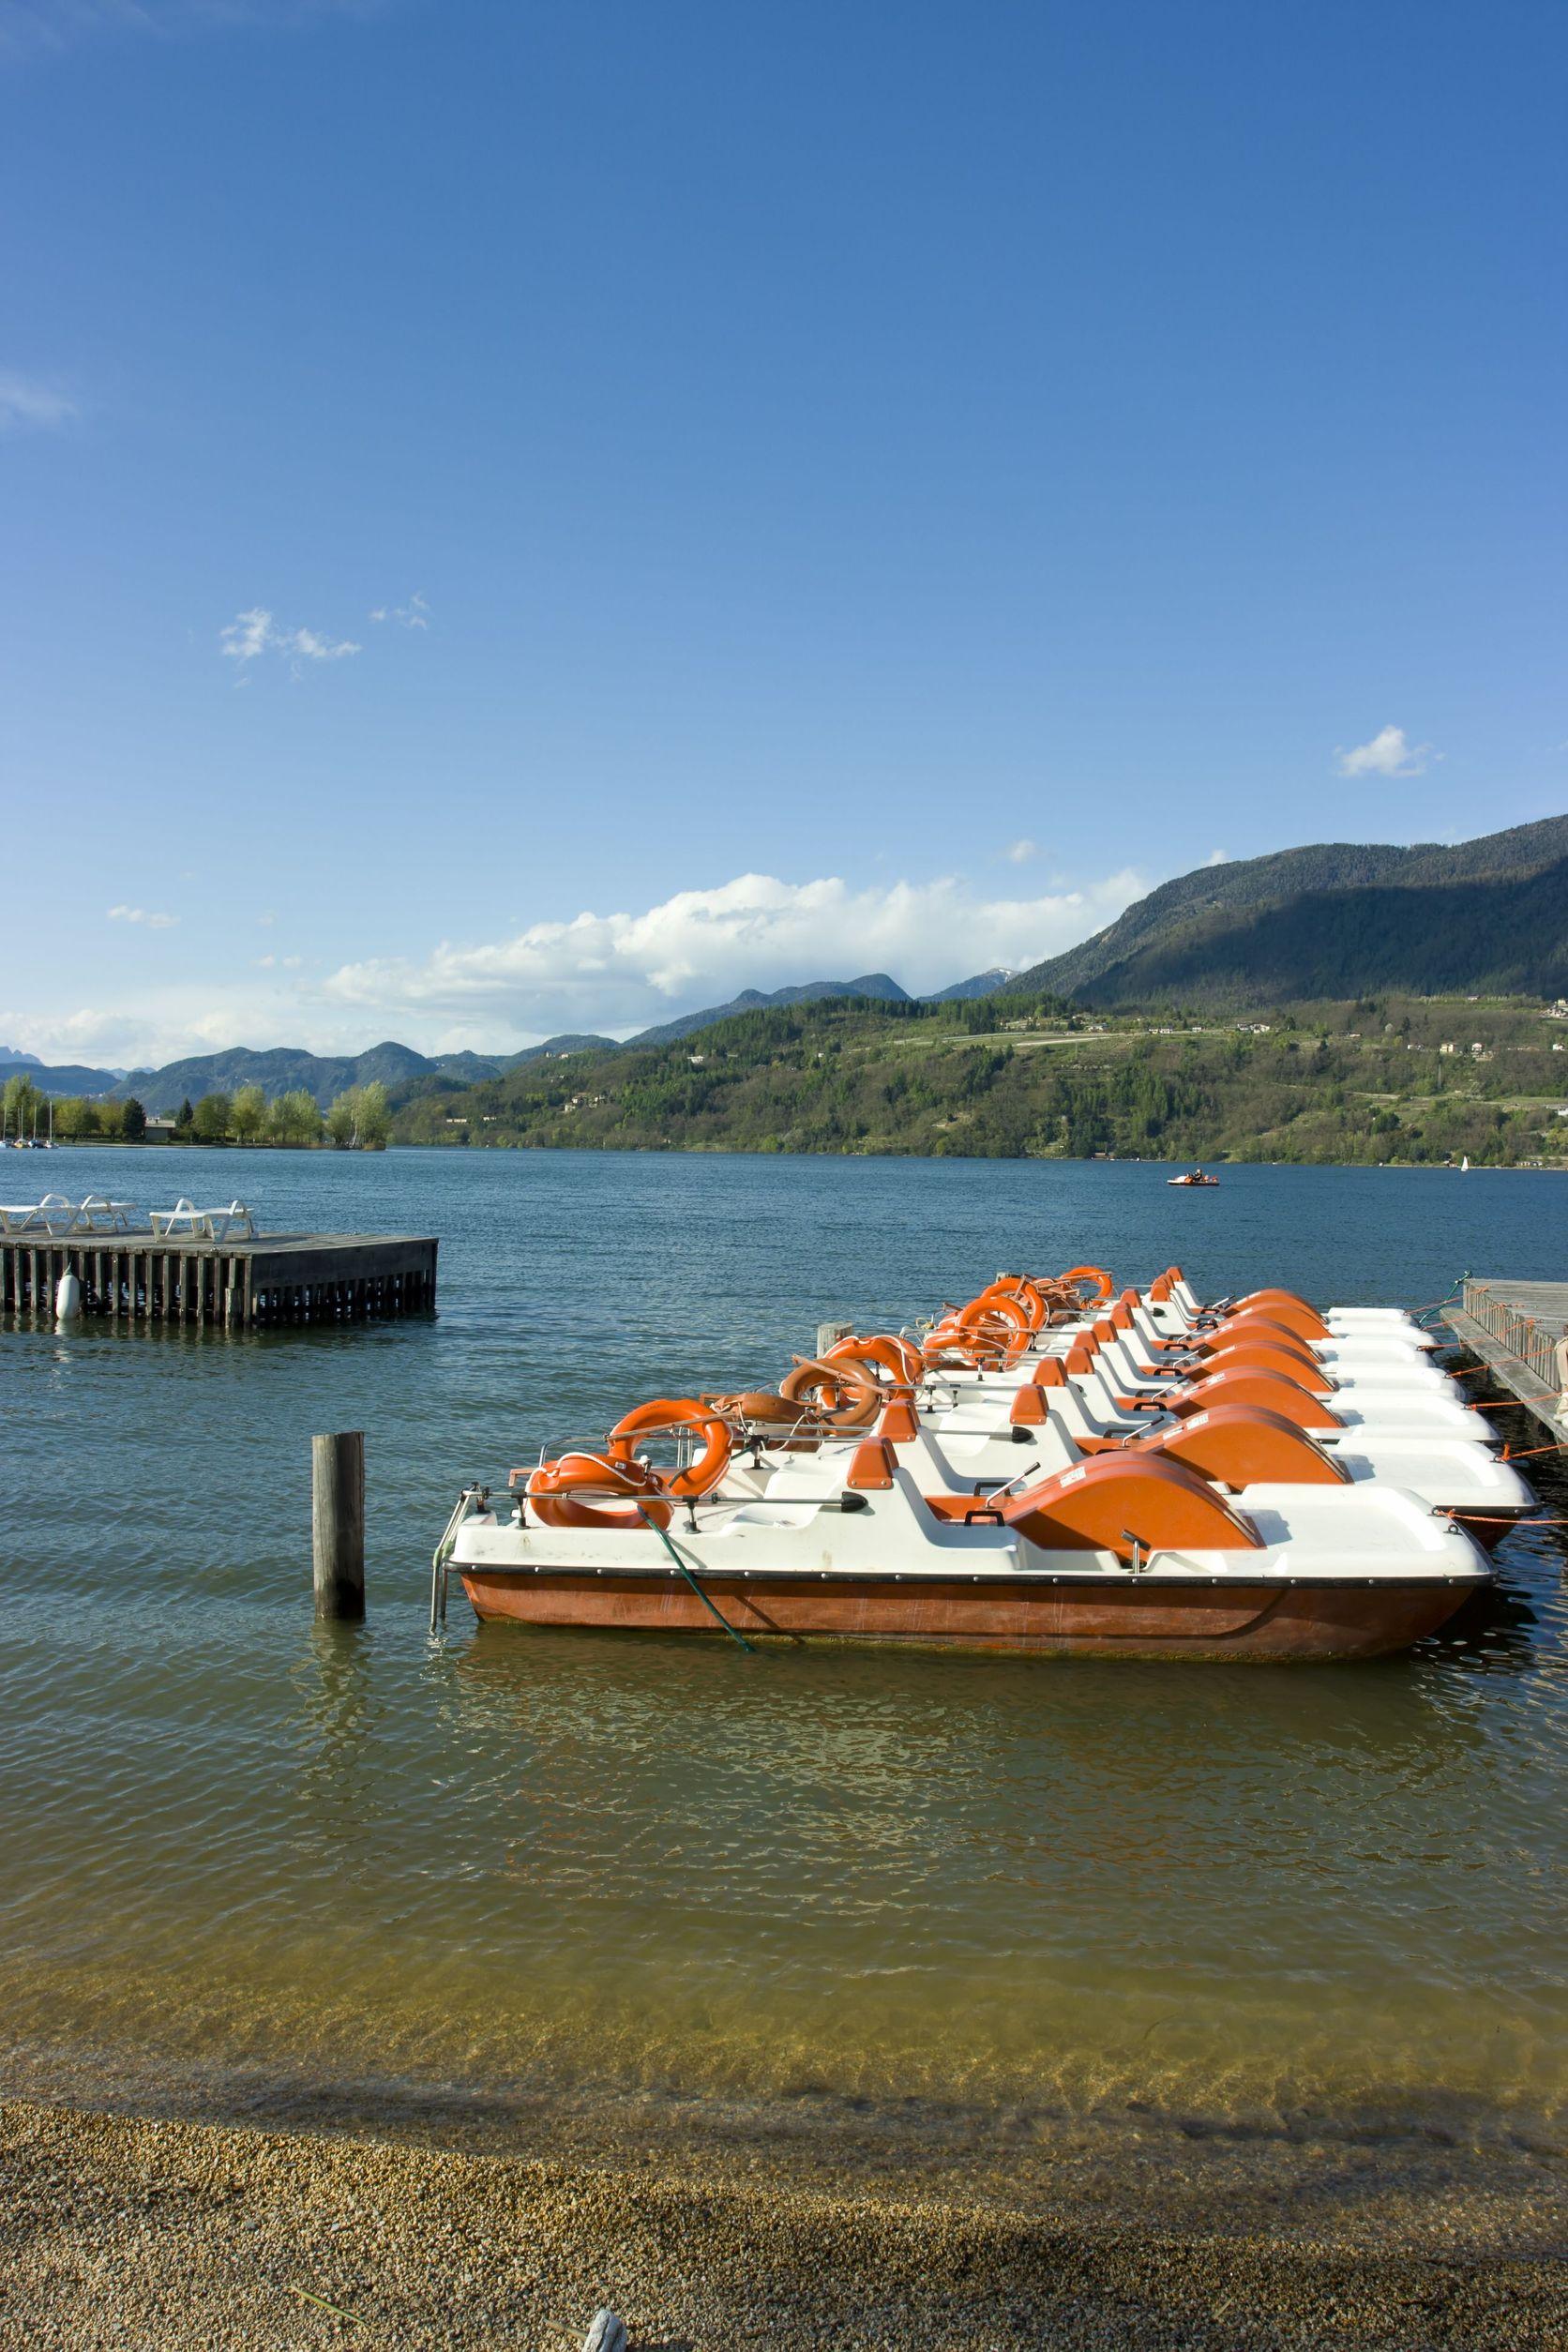 Lago-Caldonazzo-meer